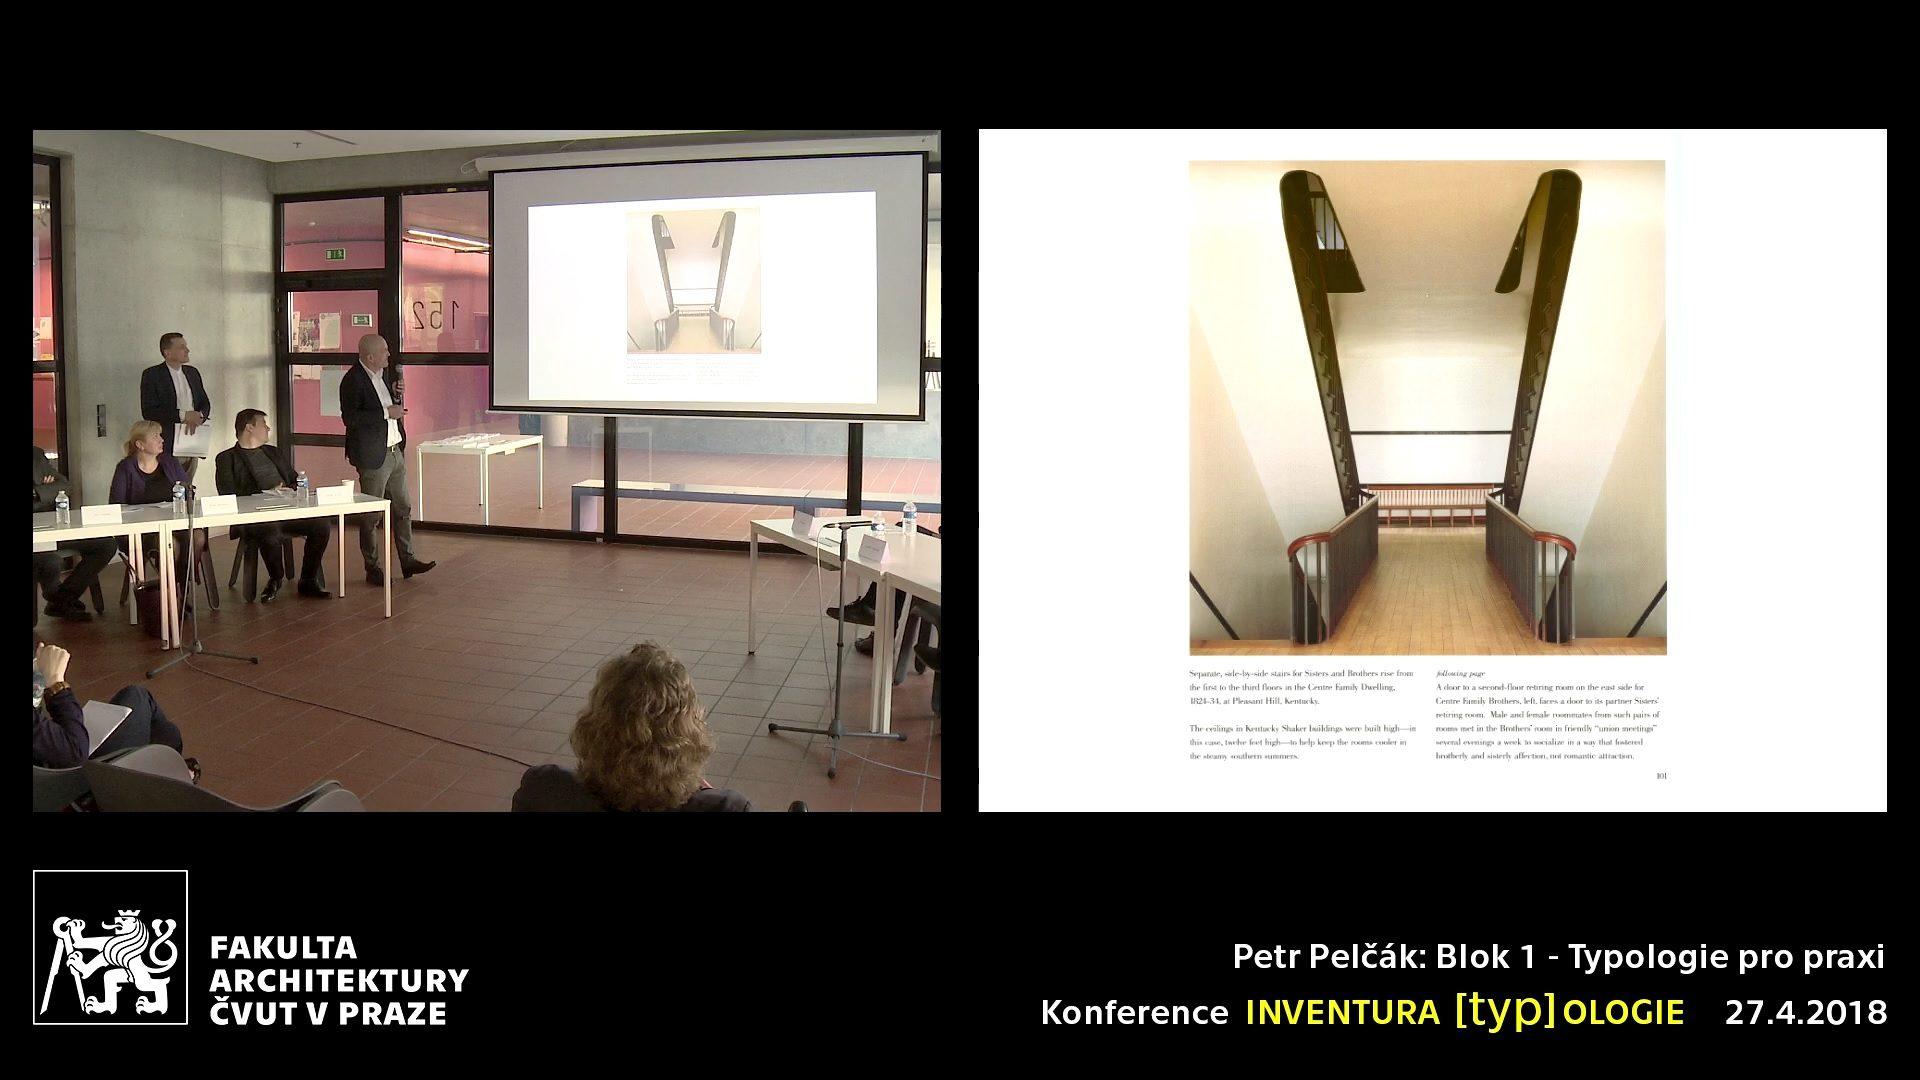 Konference Inventura typologie